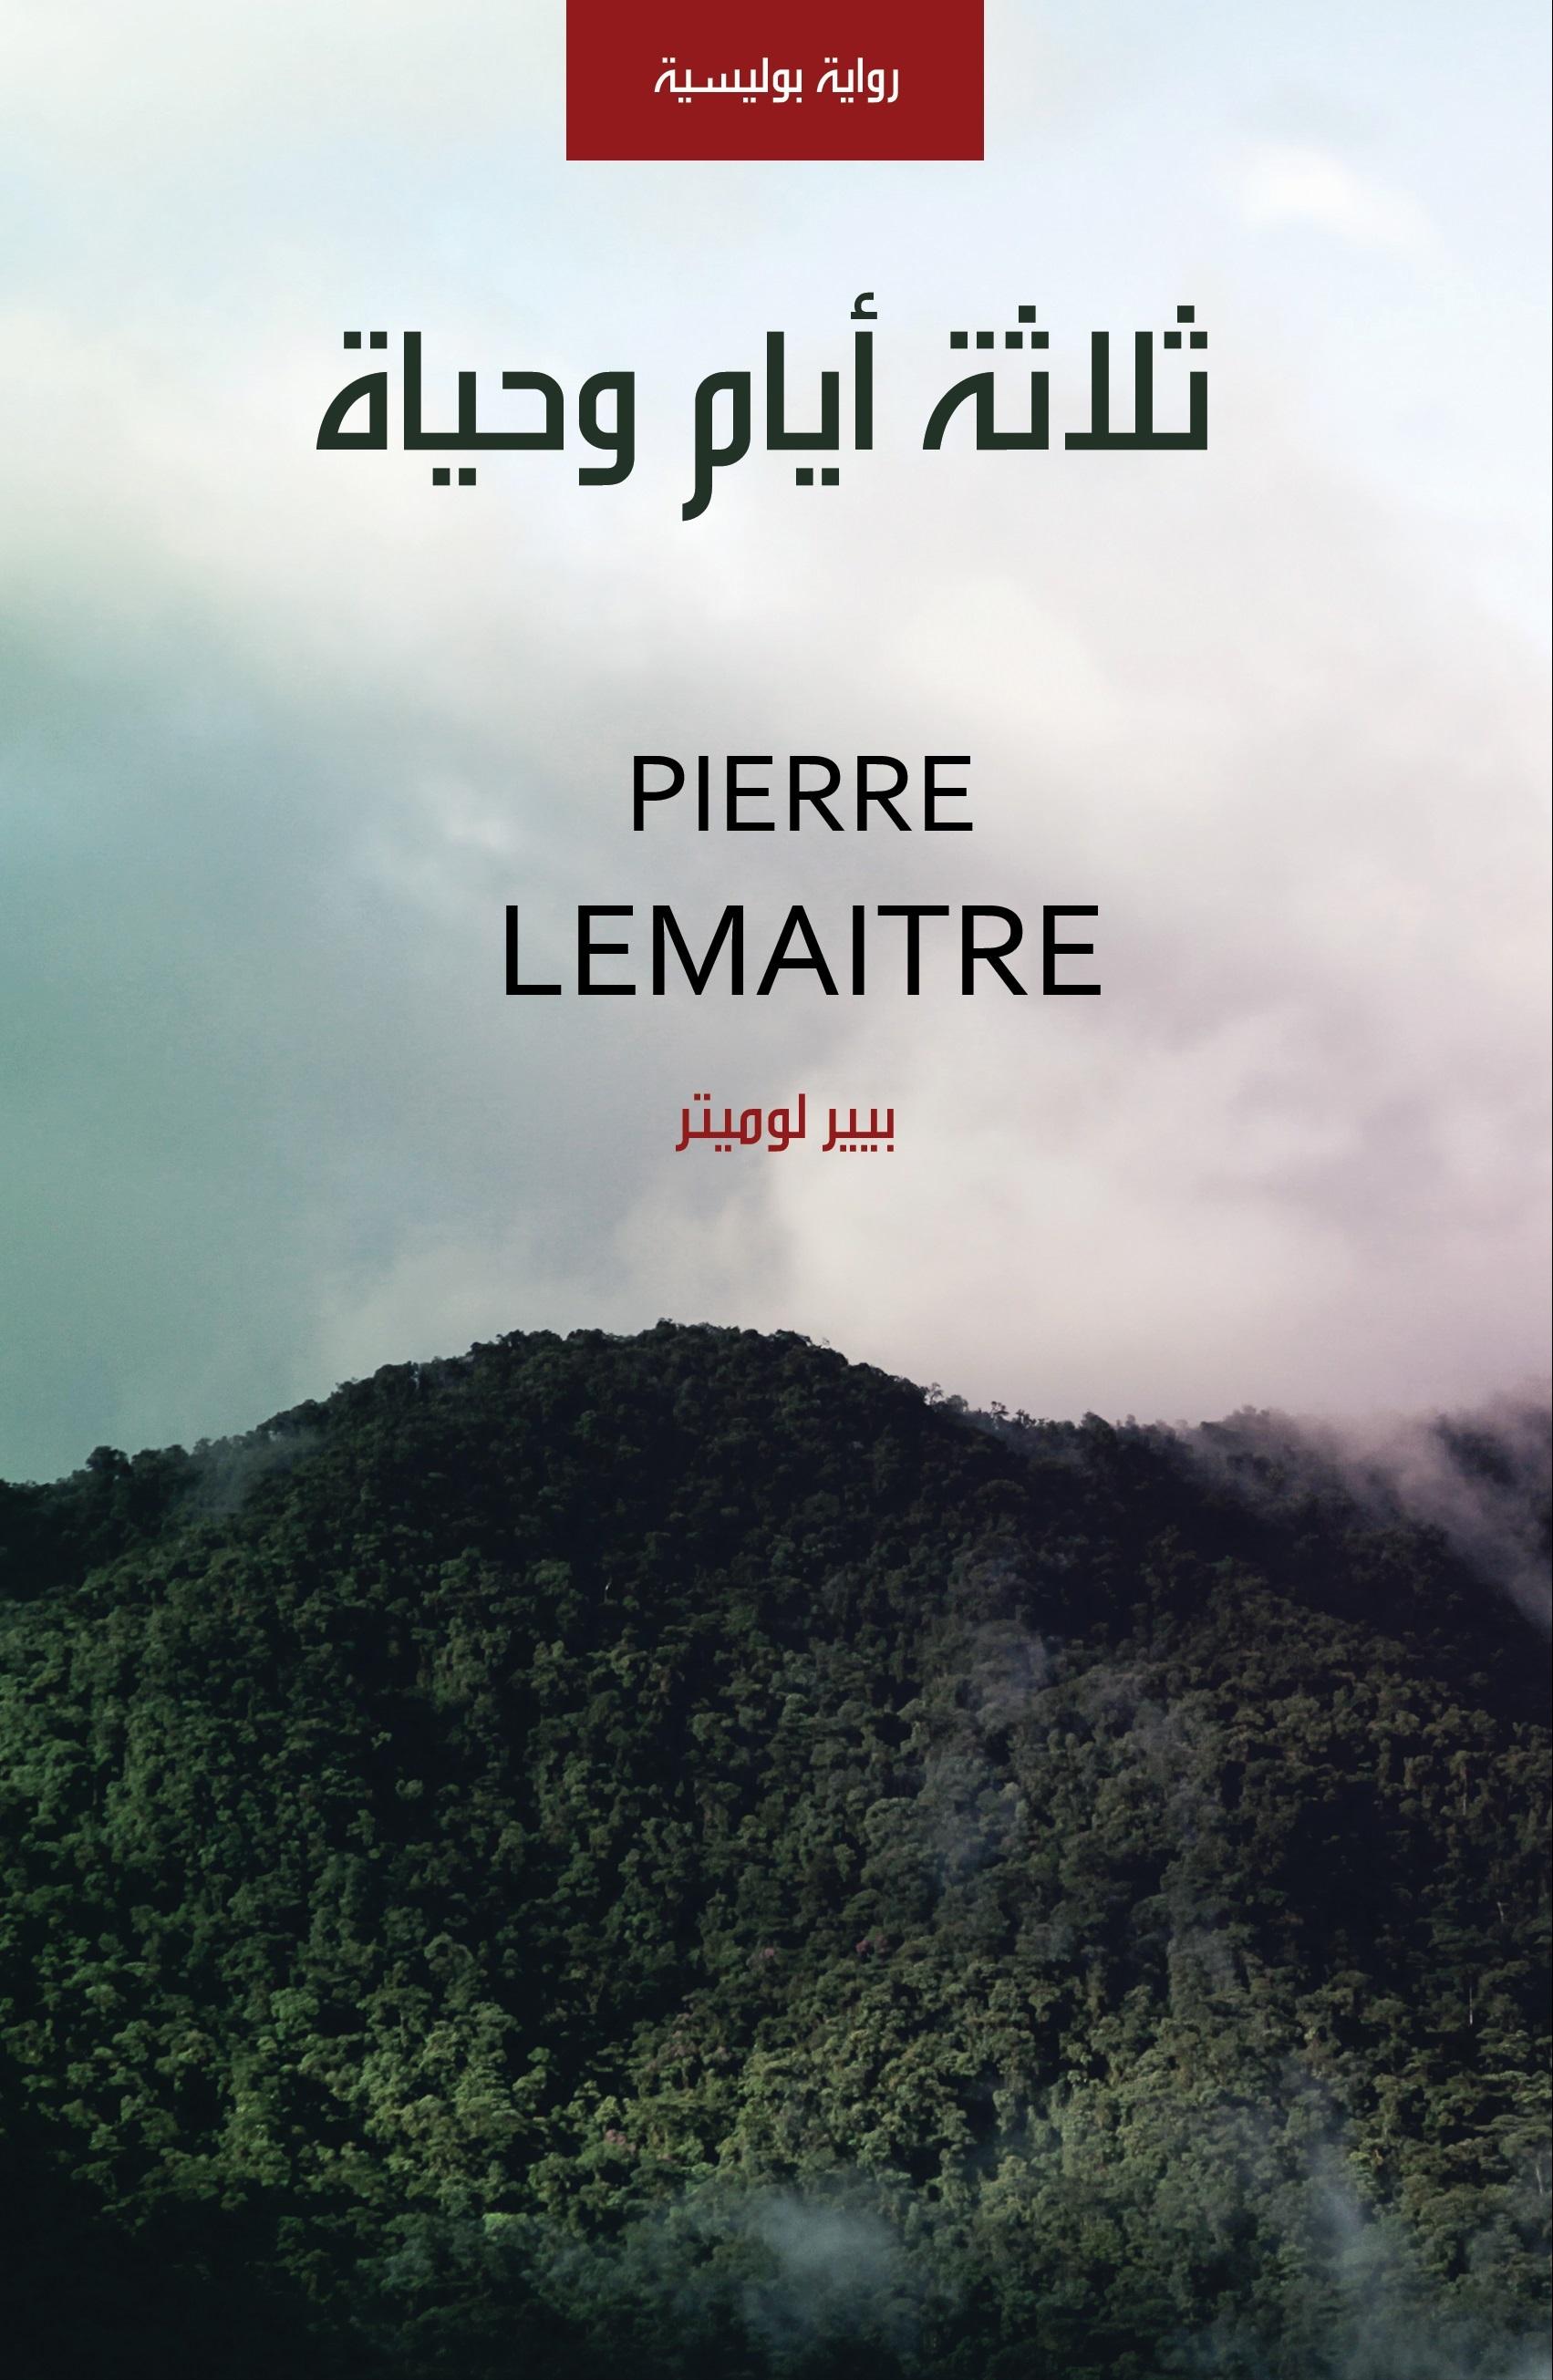 صورة رواية ثلاثة أيام وحياة – بيير لوميتر